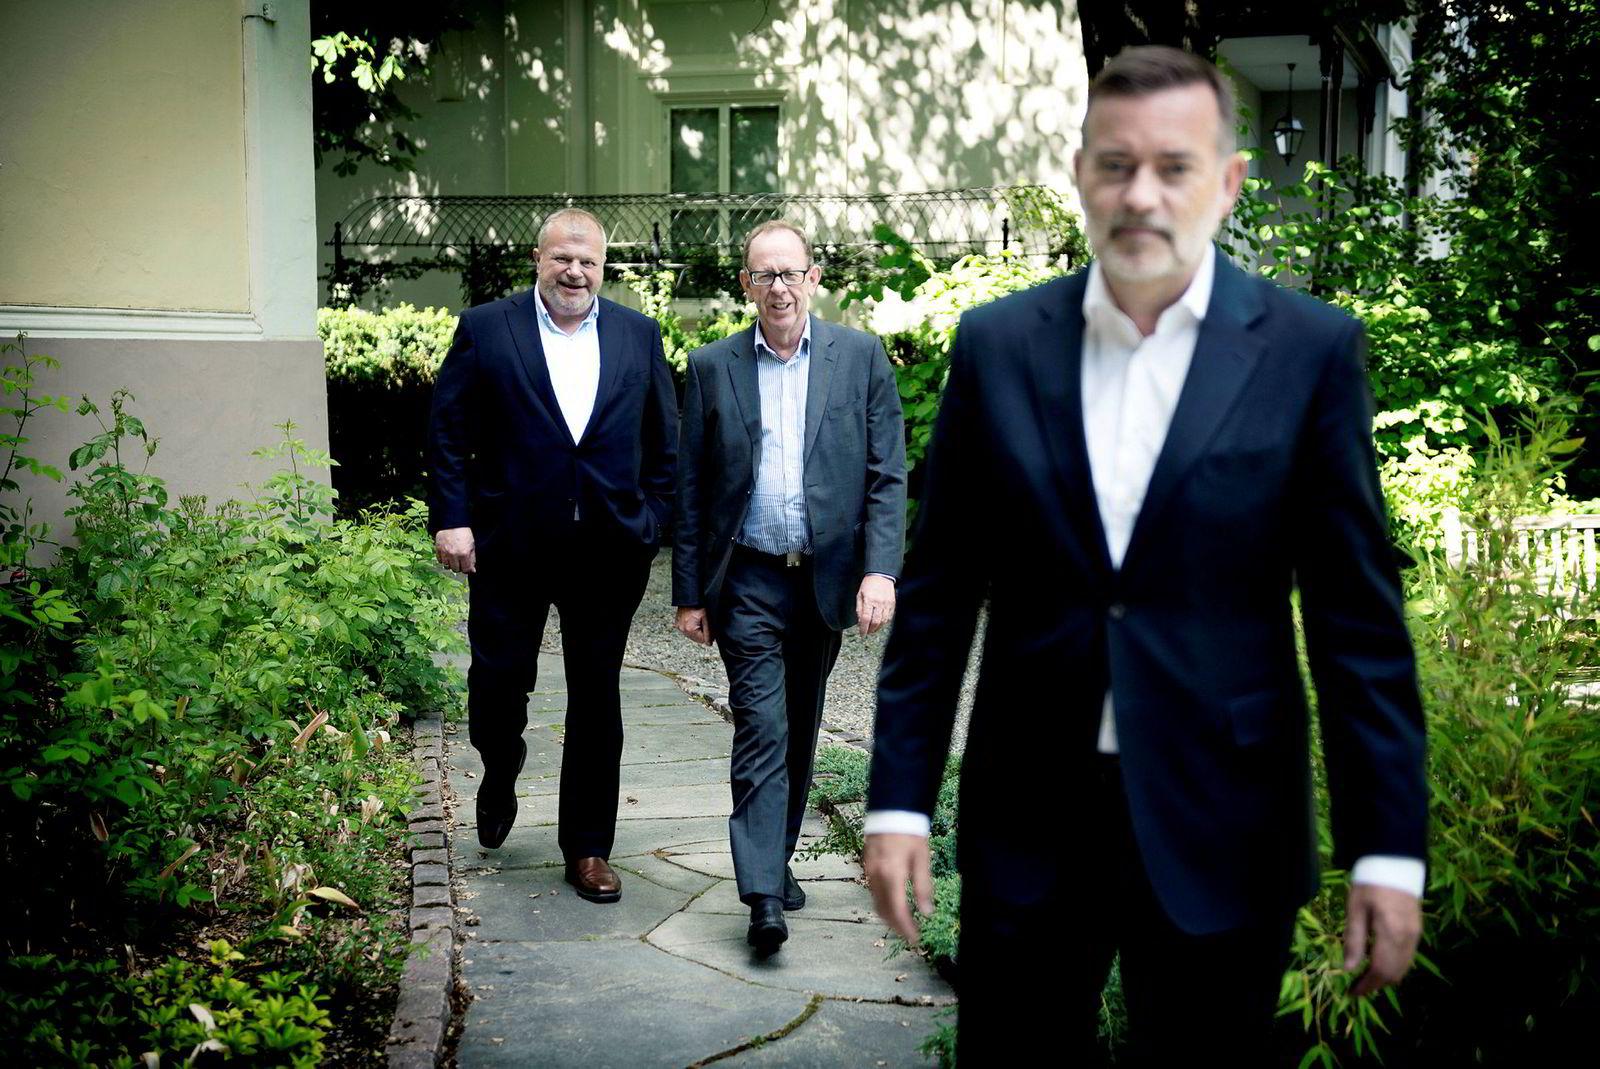 Pr-byrået Kruse Larsen eies av blant andre Jan Erik Larsen (til høyre) Bjarne Håkon Hanssen og kjøpesenterkongen Lars Løseth (i midten).